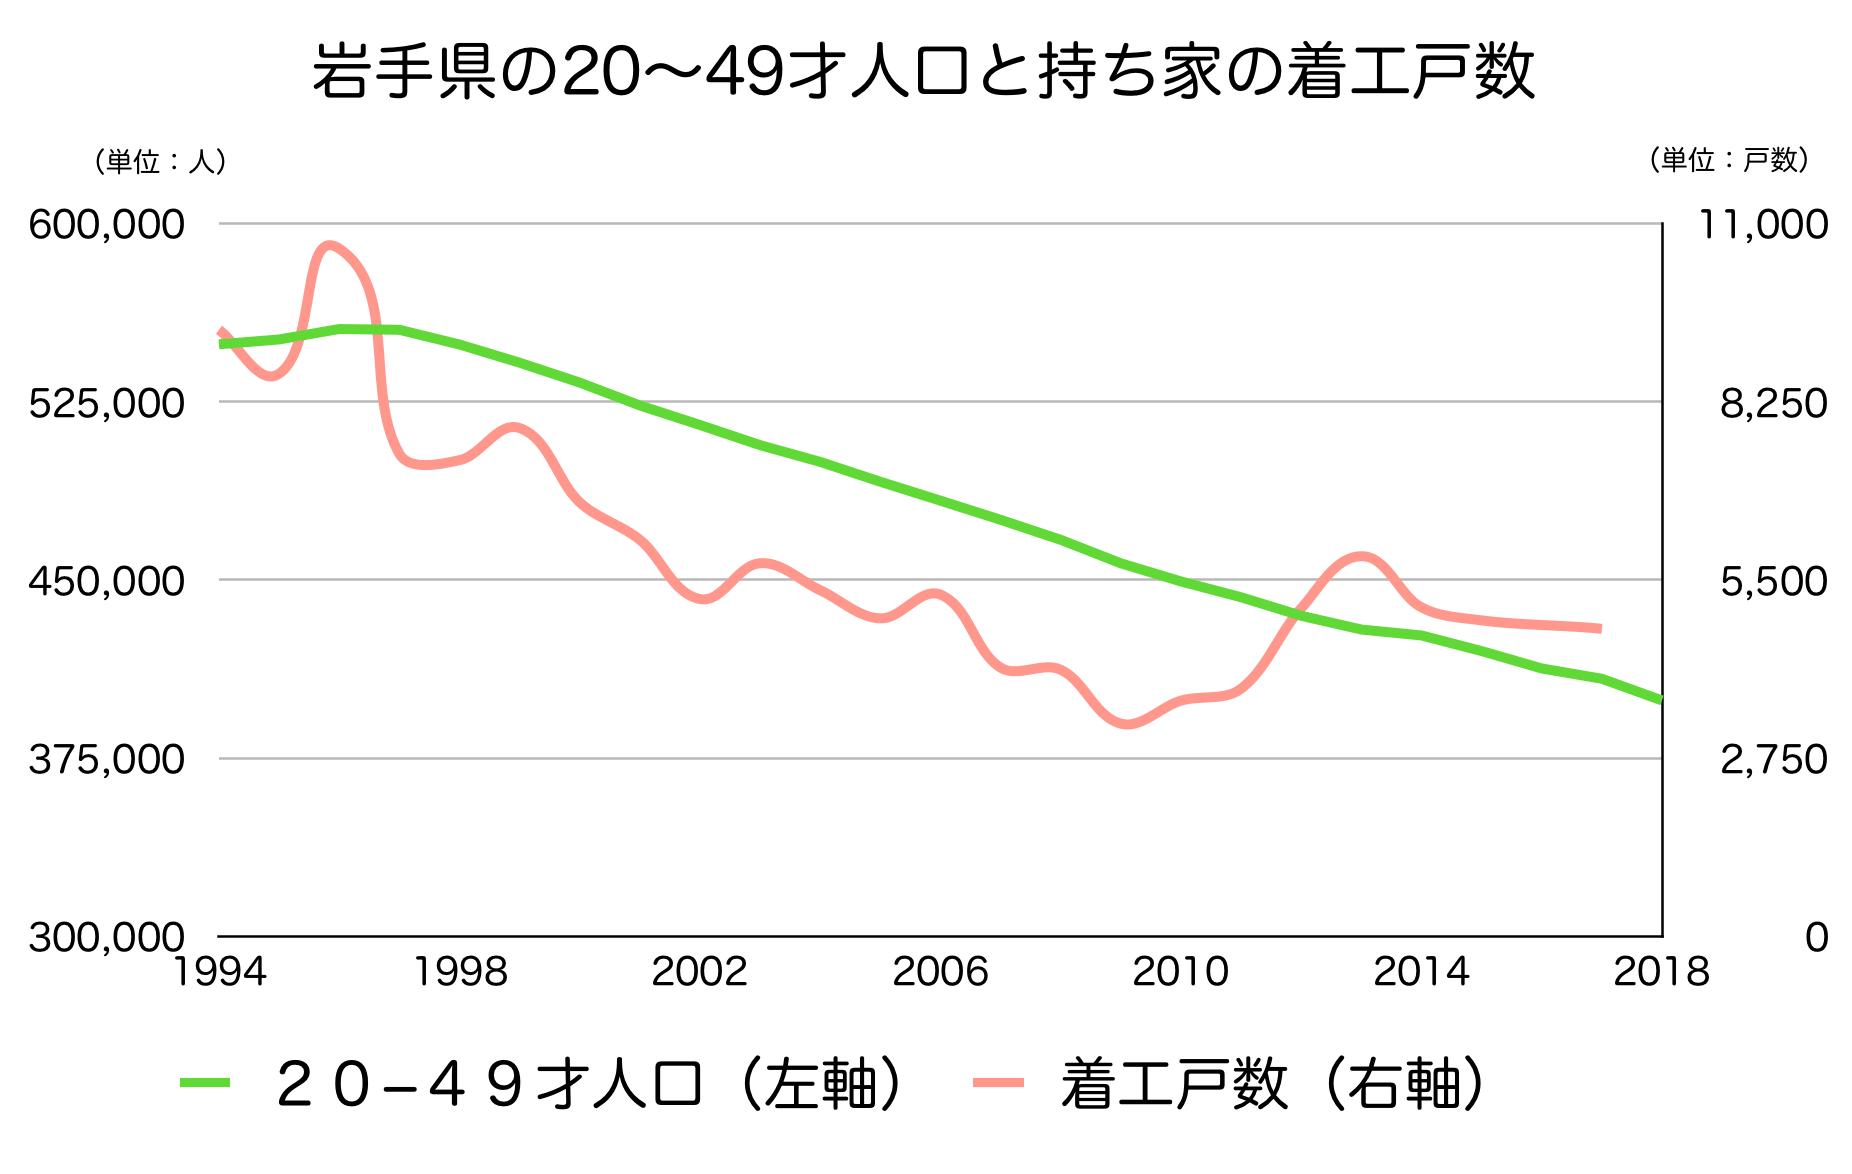 岩手県の20〜40代人口と新設戸数